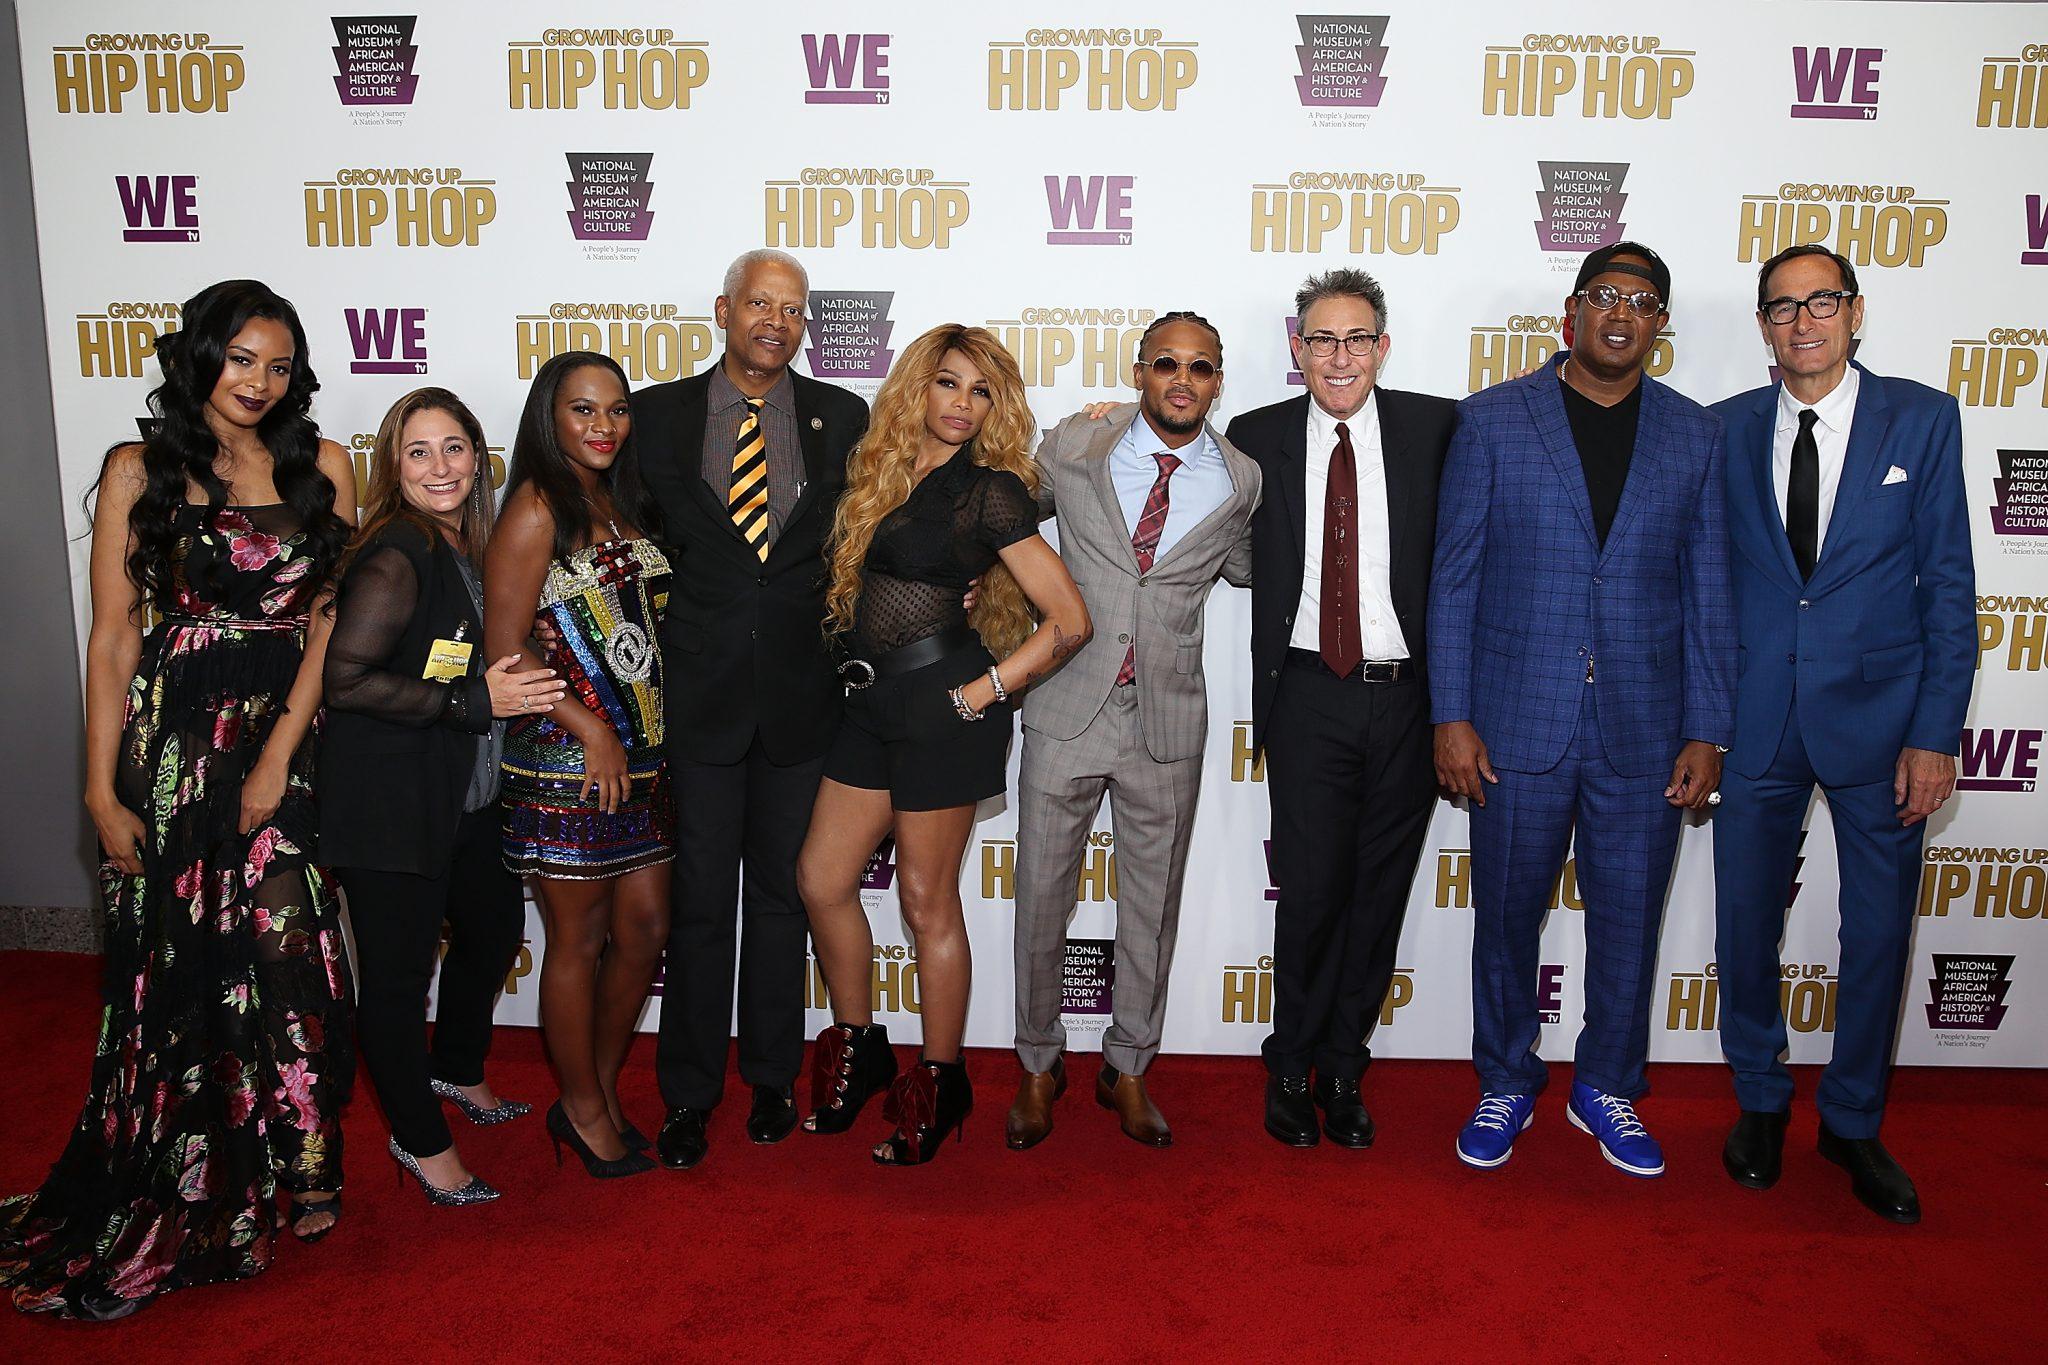 Red Carpet Arrivals: Growing Up Hip Hop Season 3 Premiere